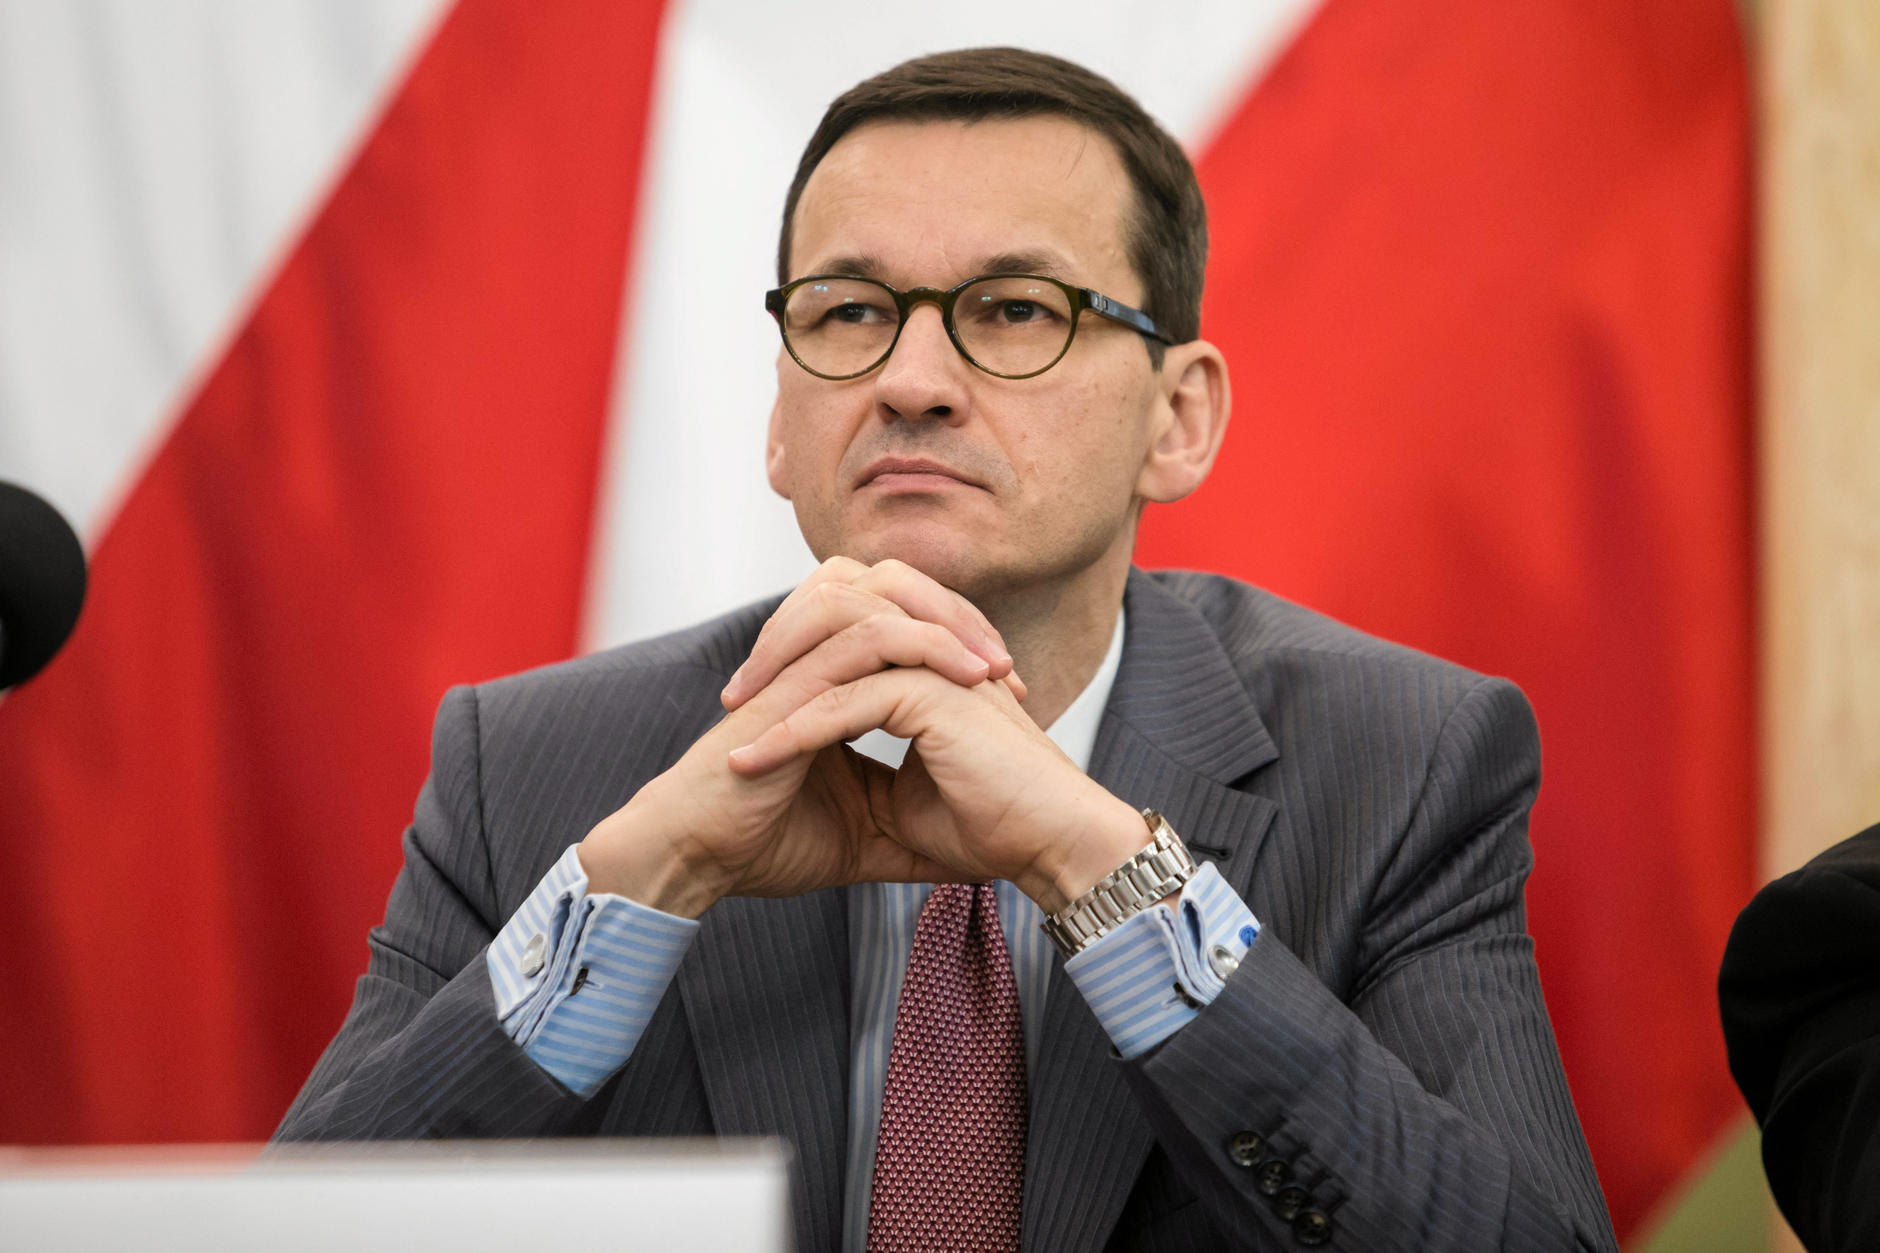 10 tys. plus dla emerytów. Premier Mateusz Morawiecki wraca do pomysłu sprzed miesięcy